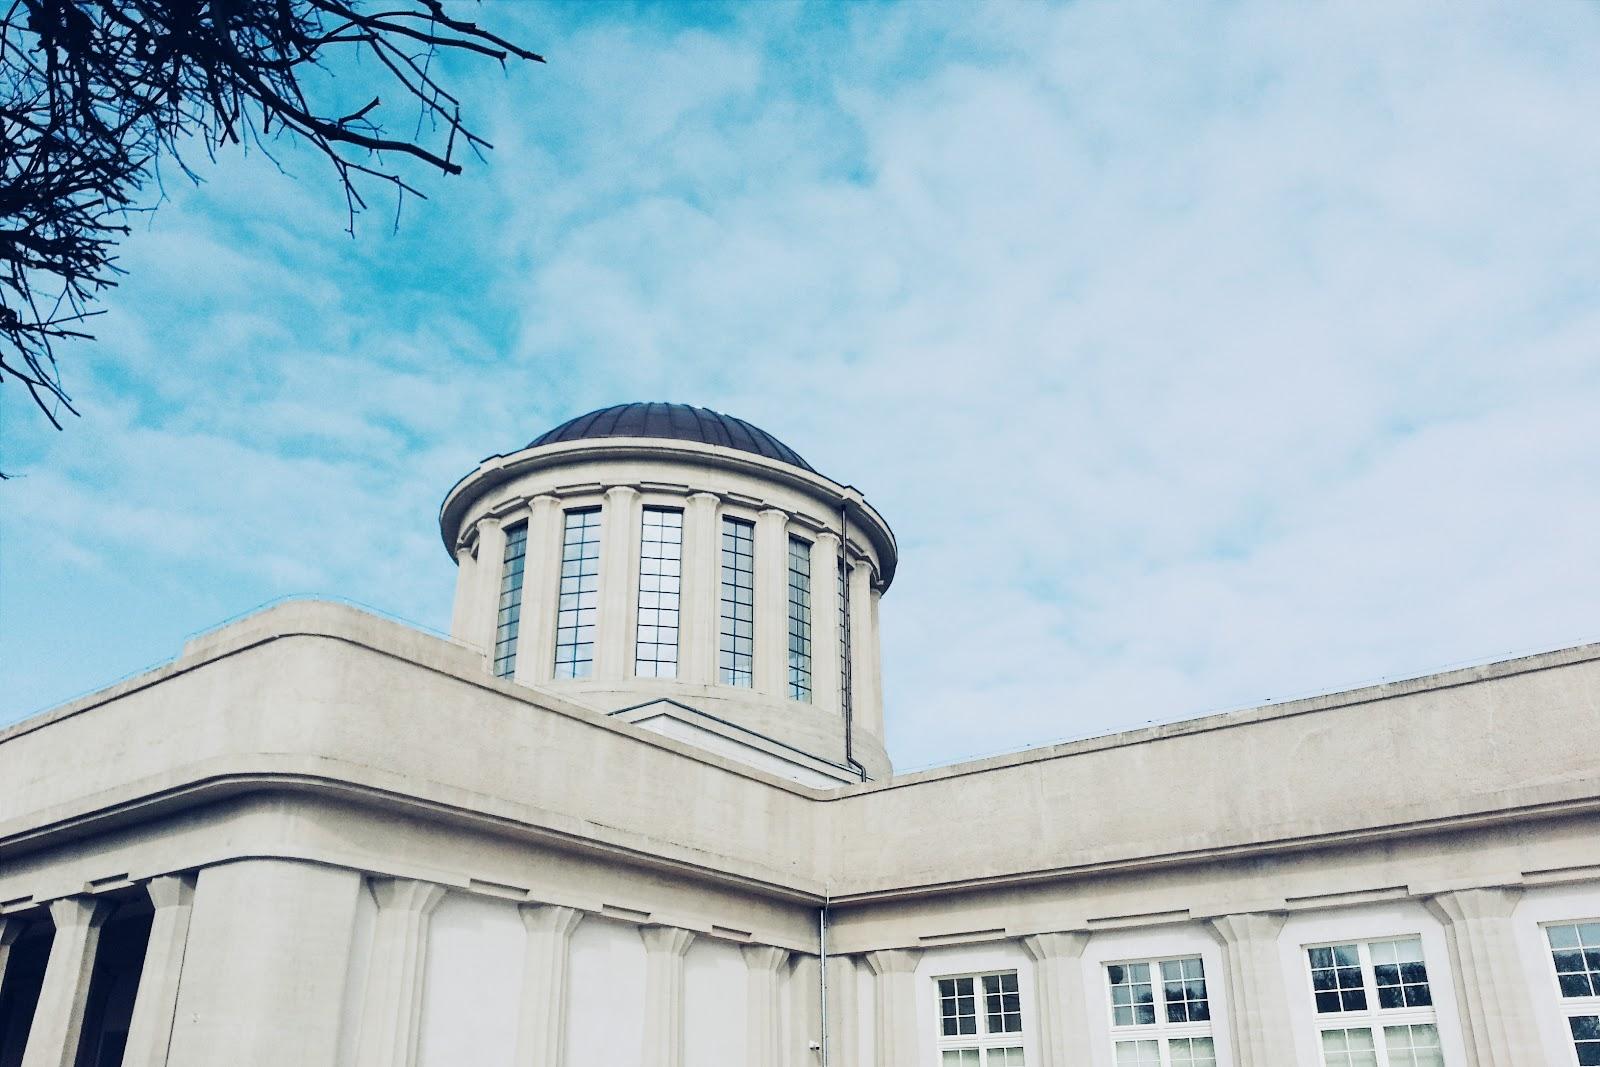 Pawilon Czterech Kopuł. Muzeum Sztuki Współczesnej - oddział Muzeum Narodowego we Wrocławiu